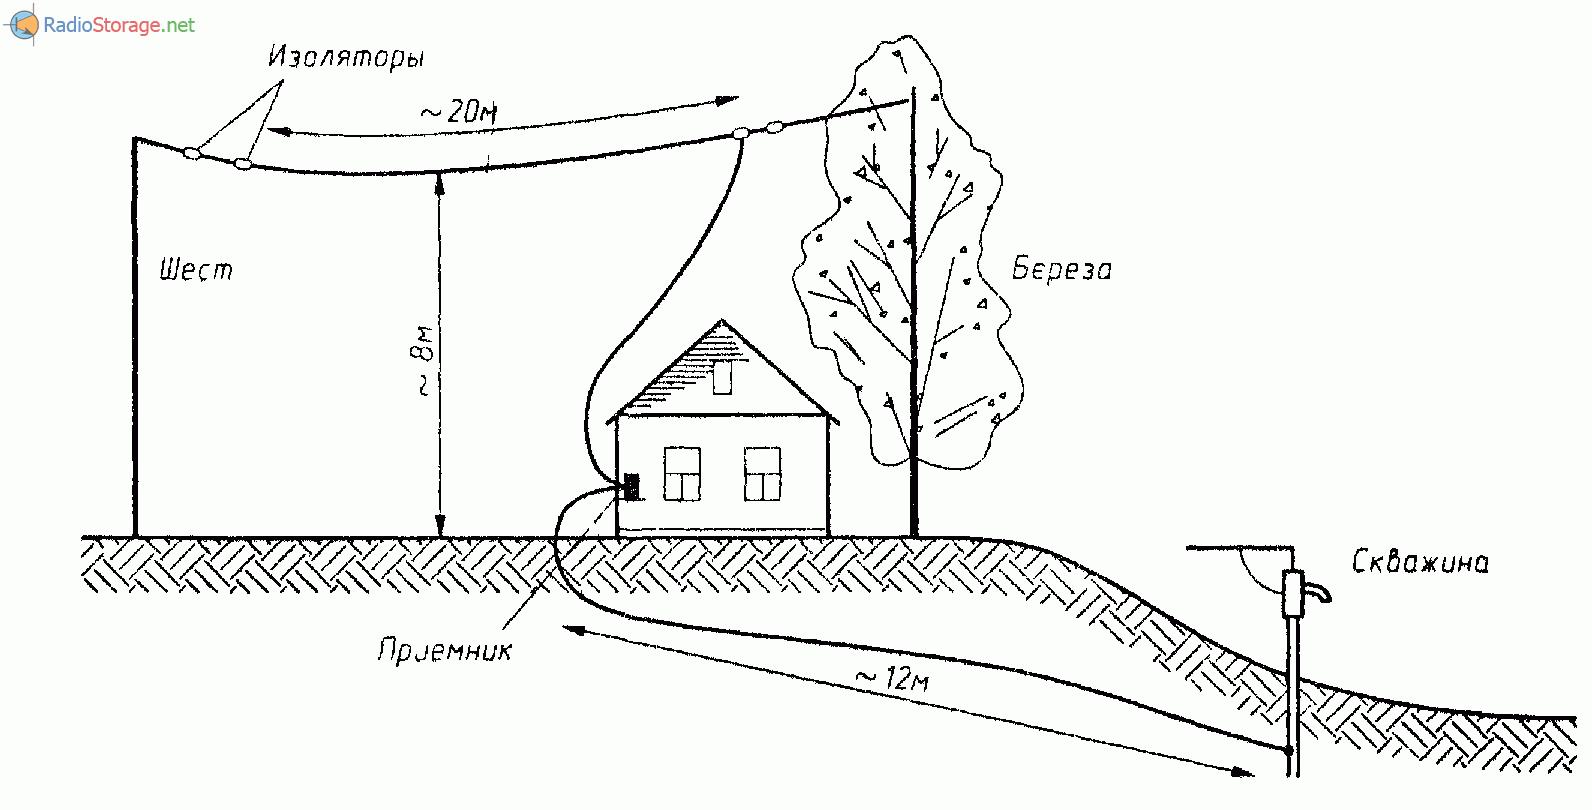 принципиальная схема детекторного радиоприеника